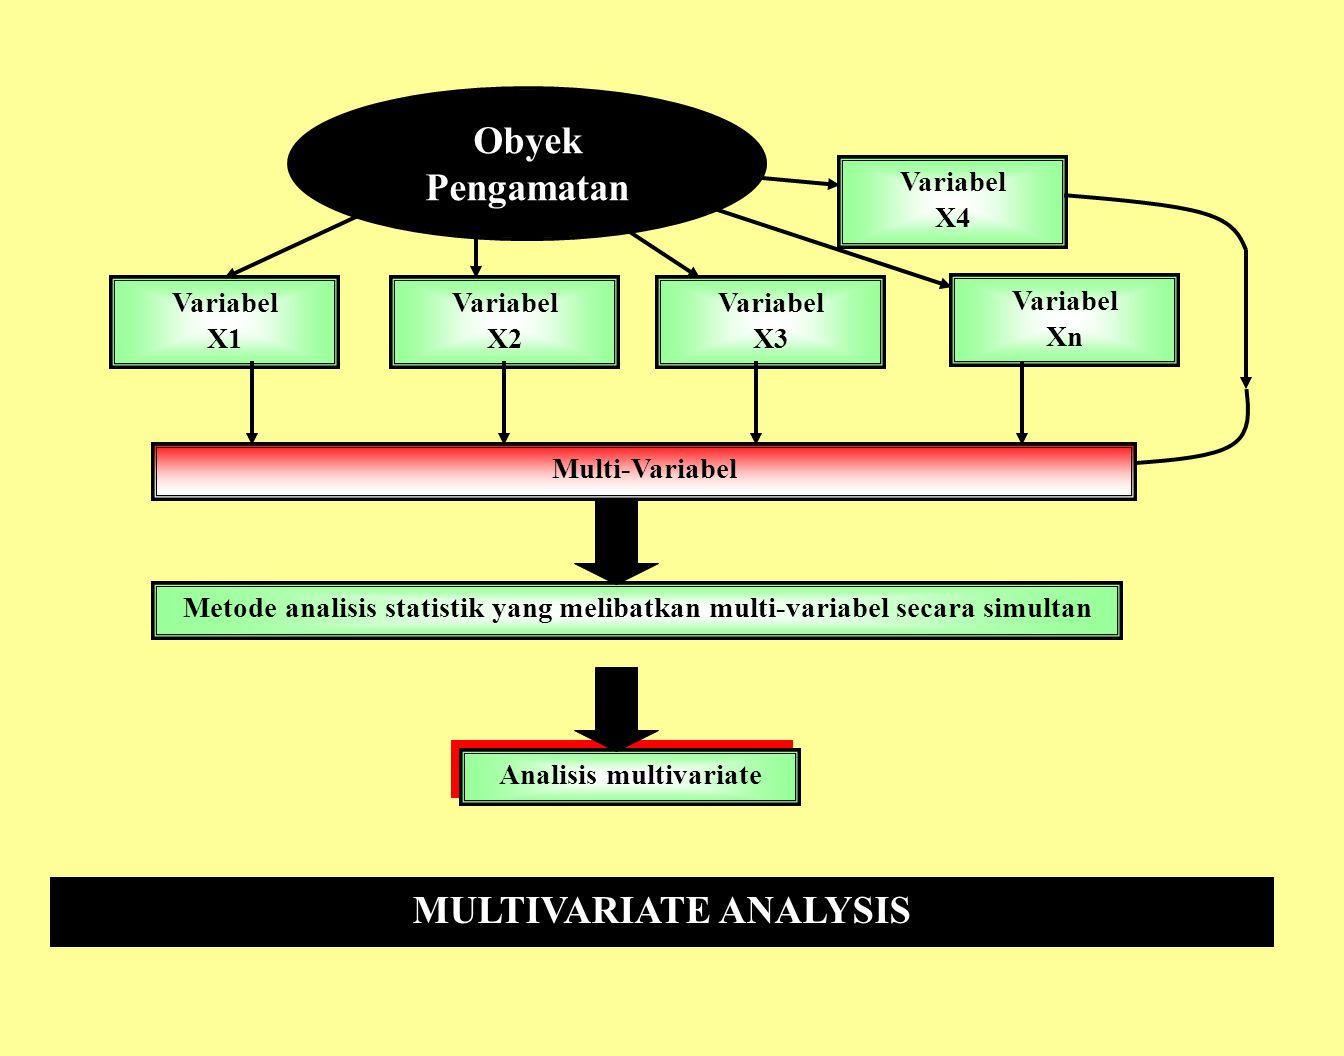 REGRESI BERGANDA = Regresi Linear Berganda Input Data: Raw data, bukan standardize data Variabel dependent: data metrik Variabel independent: data metrik dan/atau data non-metrik Input Data: Raw data, bukan standardize data Variabel dependent: data metrik Variabel independent: data metrik dan/atau data non-metrik Output: Model atau persamaan regresi berganda Output: Model atau persamaan regresi berganda Metode Estimasi: OLS Kegunaan: Alat untuk eksplanasi atau alat untuk prediksi, Prediksi nilai variabel dependent kalau nilai variabel independent diketahui Kegunaan: Alat untuk eksplanasi atau alat untuk prediksi, Prediksi nilai variabel dependent kalau nilai variabel independent diketahui